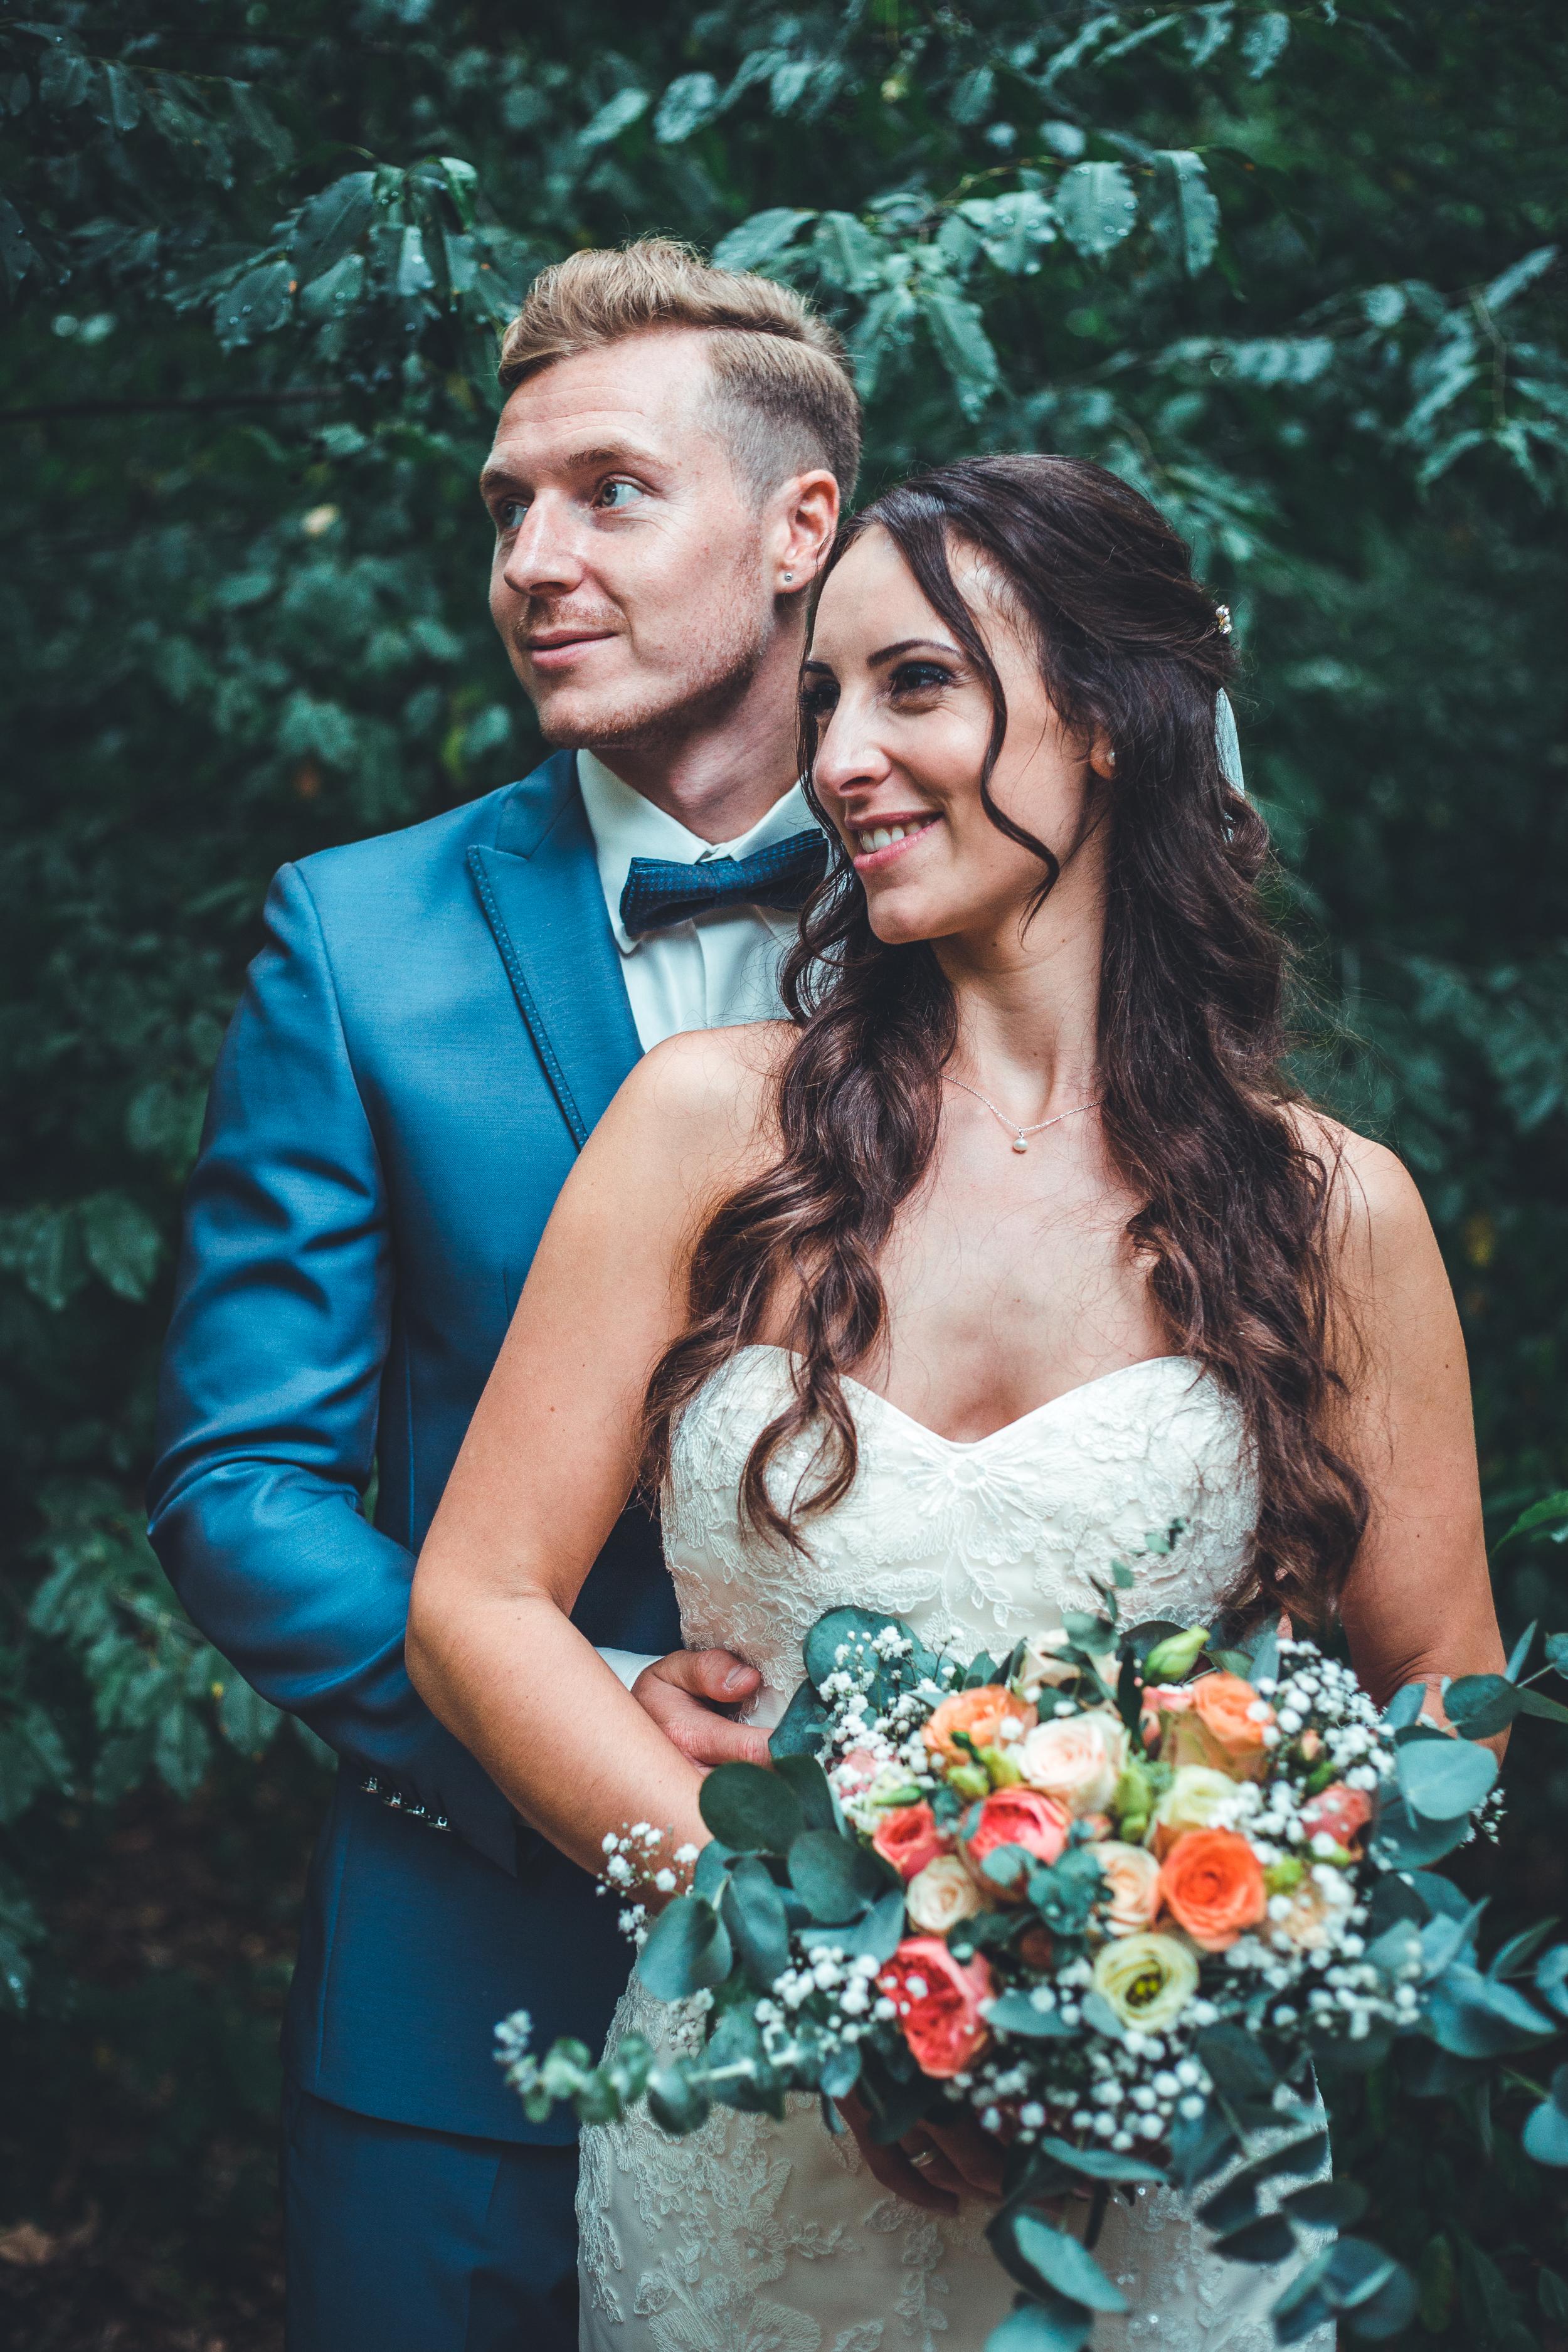 Hochzeit in Mannheim mit Daniela und Sven, Fotoshooting, Brautpaarshooting